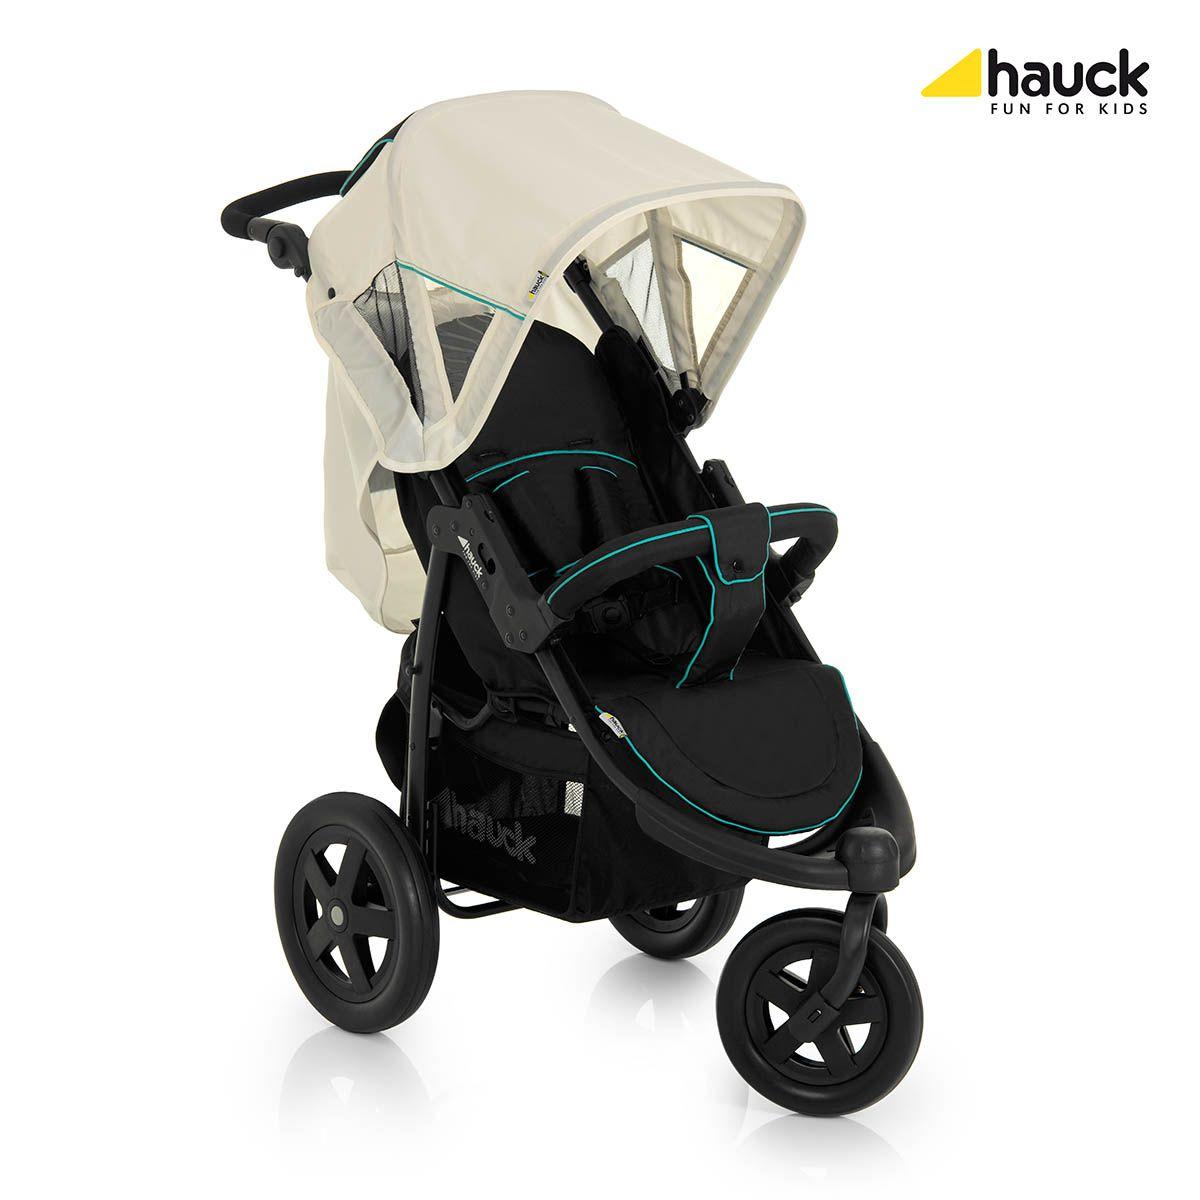 510acb97b9219f Pin von Hauck Fun for Kids auf 3-Wheel Strollers